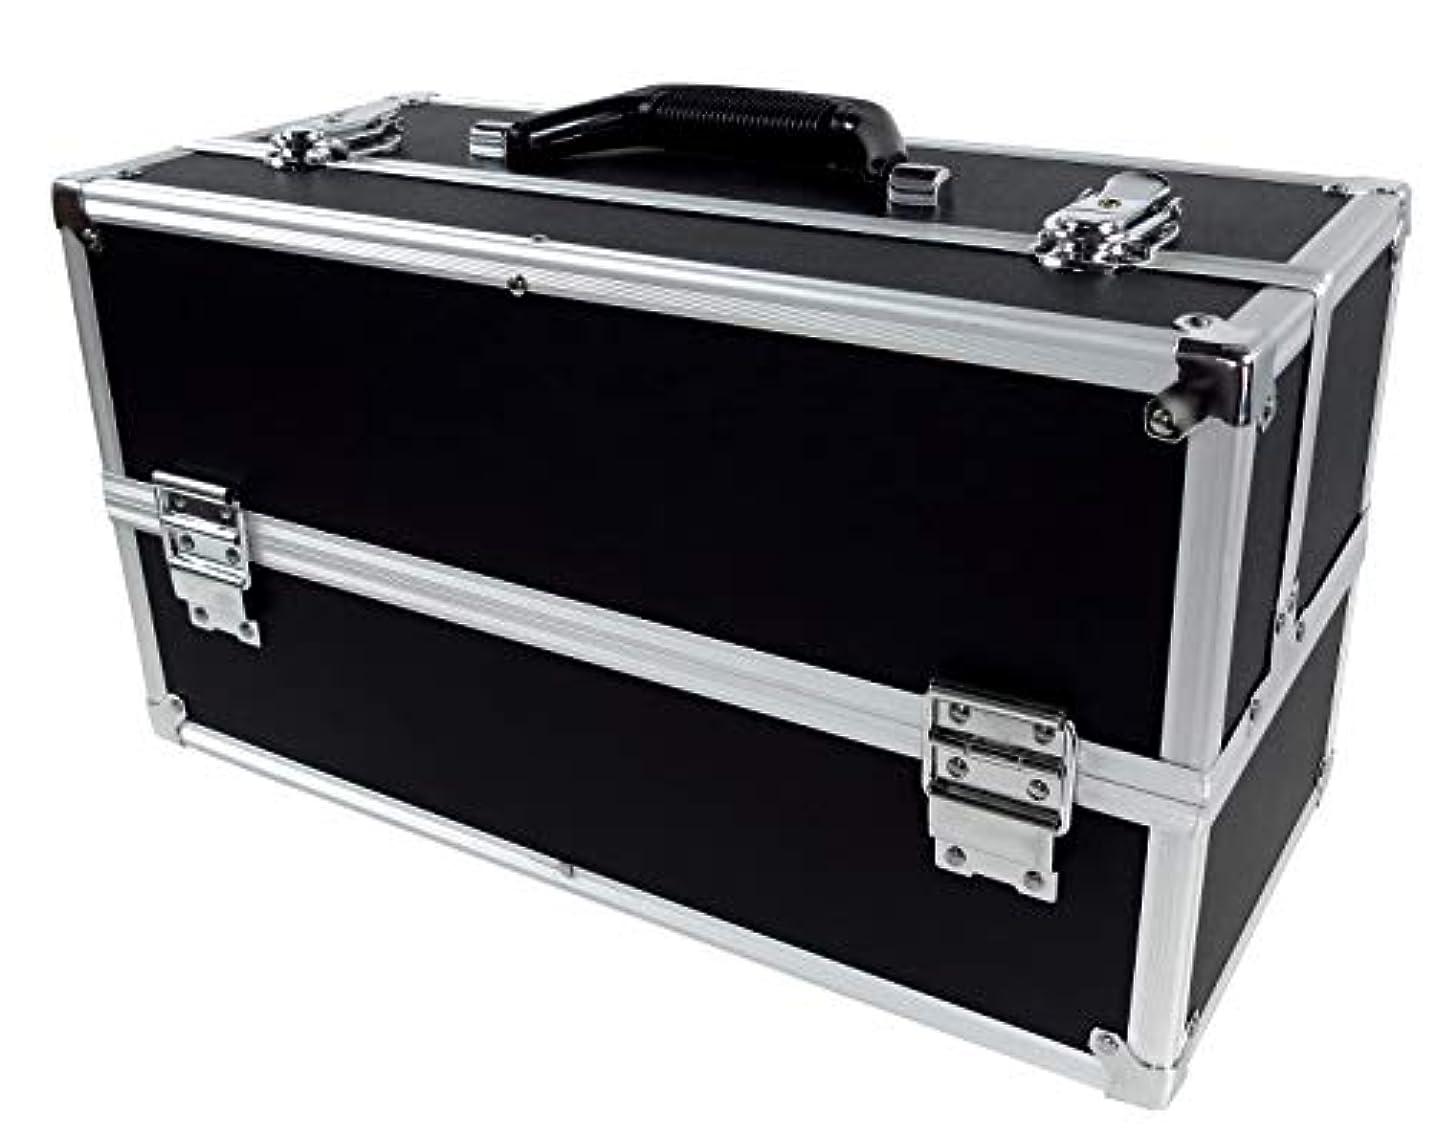 リライアブル コスメボックス ワイド RB201-BK 鍵付き プロ仕様 メイクボックス 大容量 化粧品収納 小物入れ 6段トレー ベロア メイクケース コスメBOX 持ち運び ネイルケース